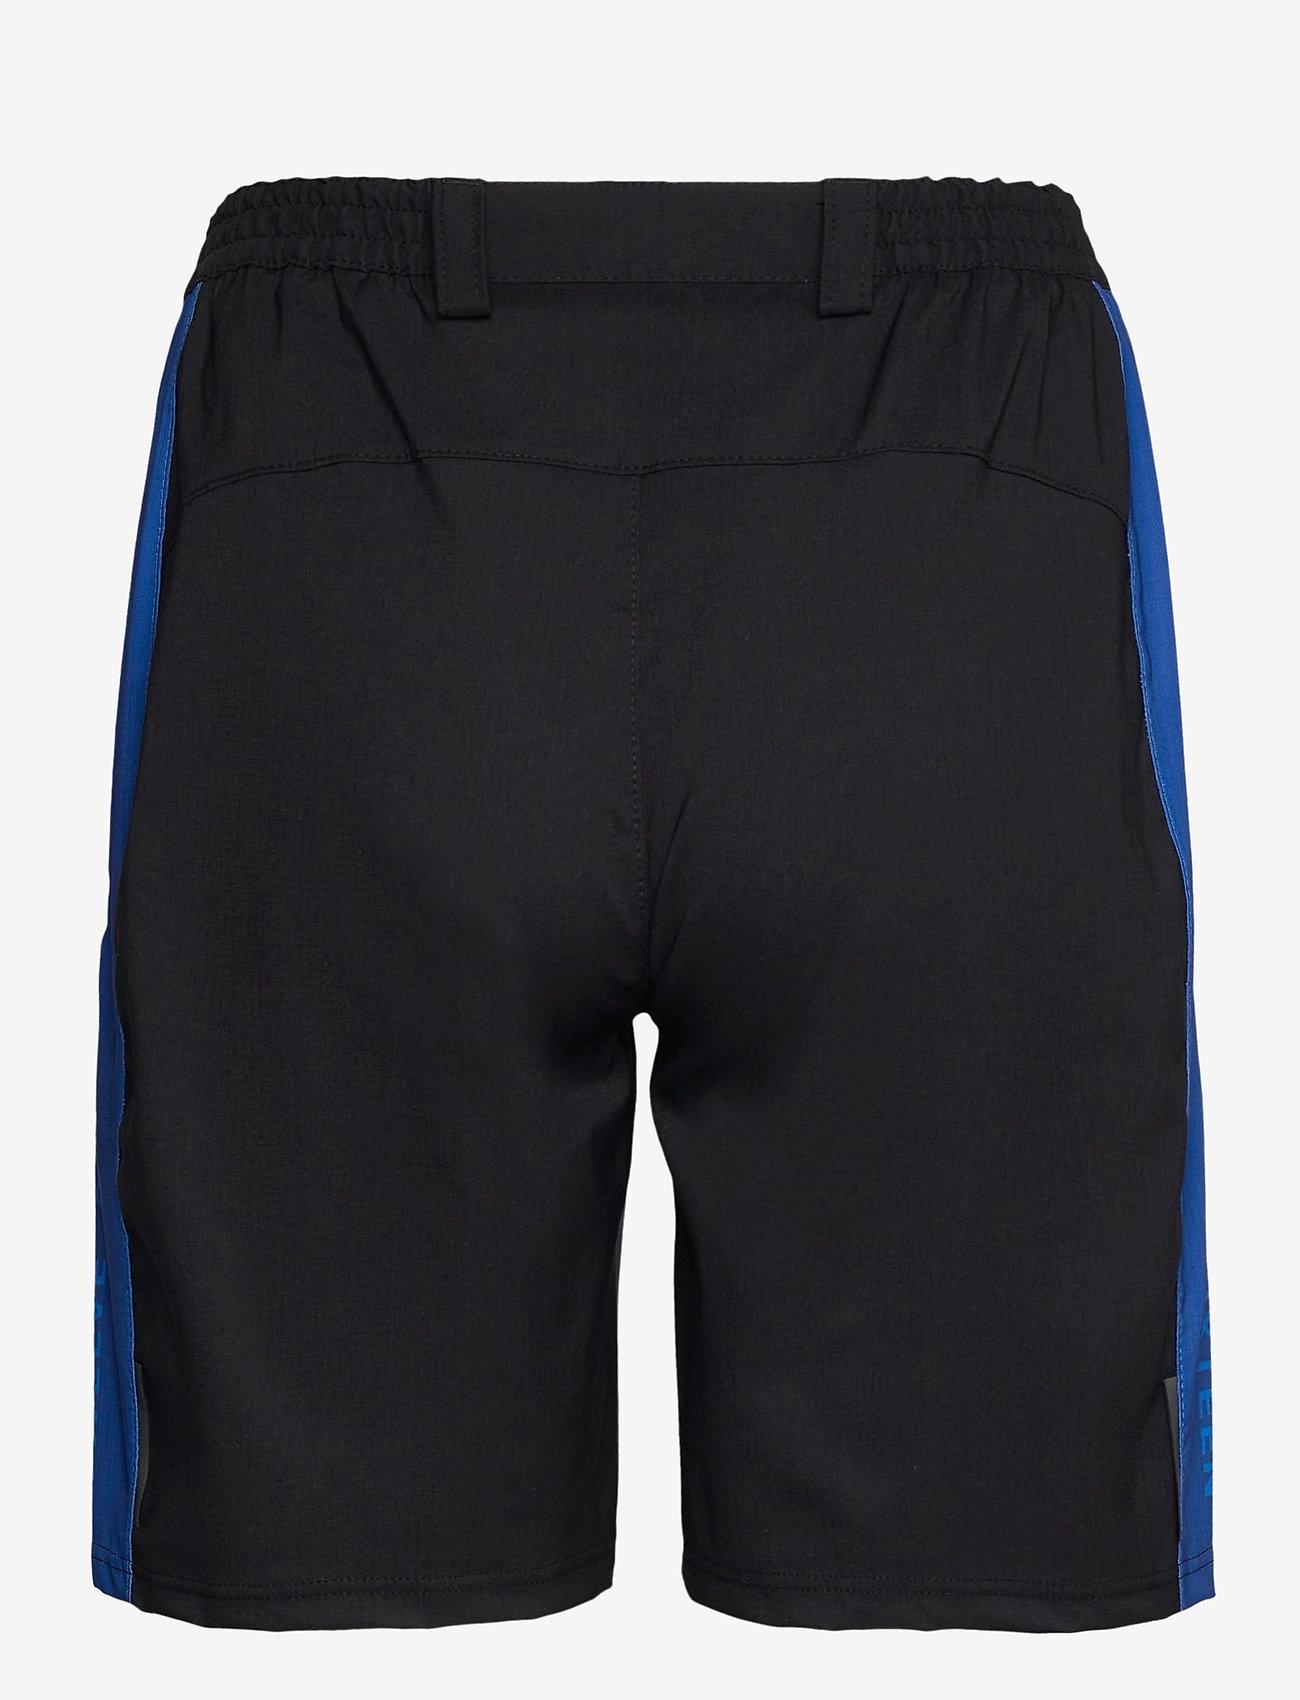 Twelve Sixteen - Biker shorts 17 Women - wielrenshorts & -leggings - blue - 1